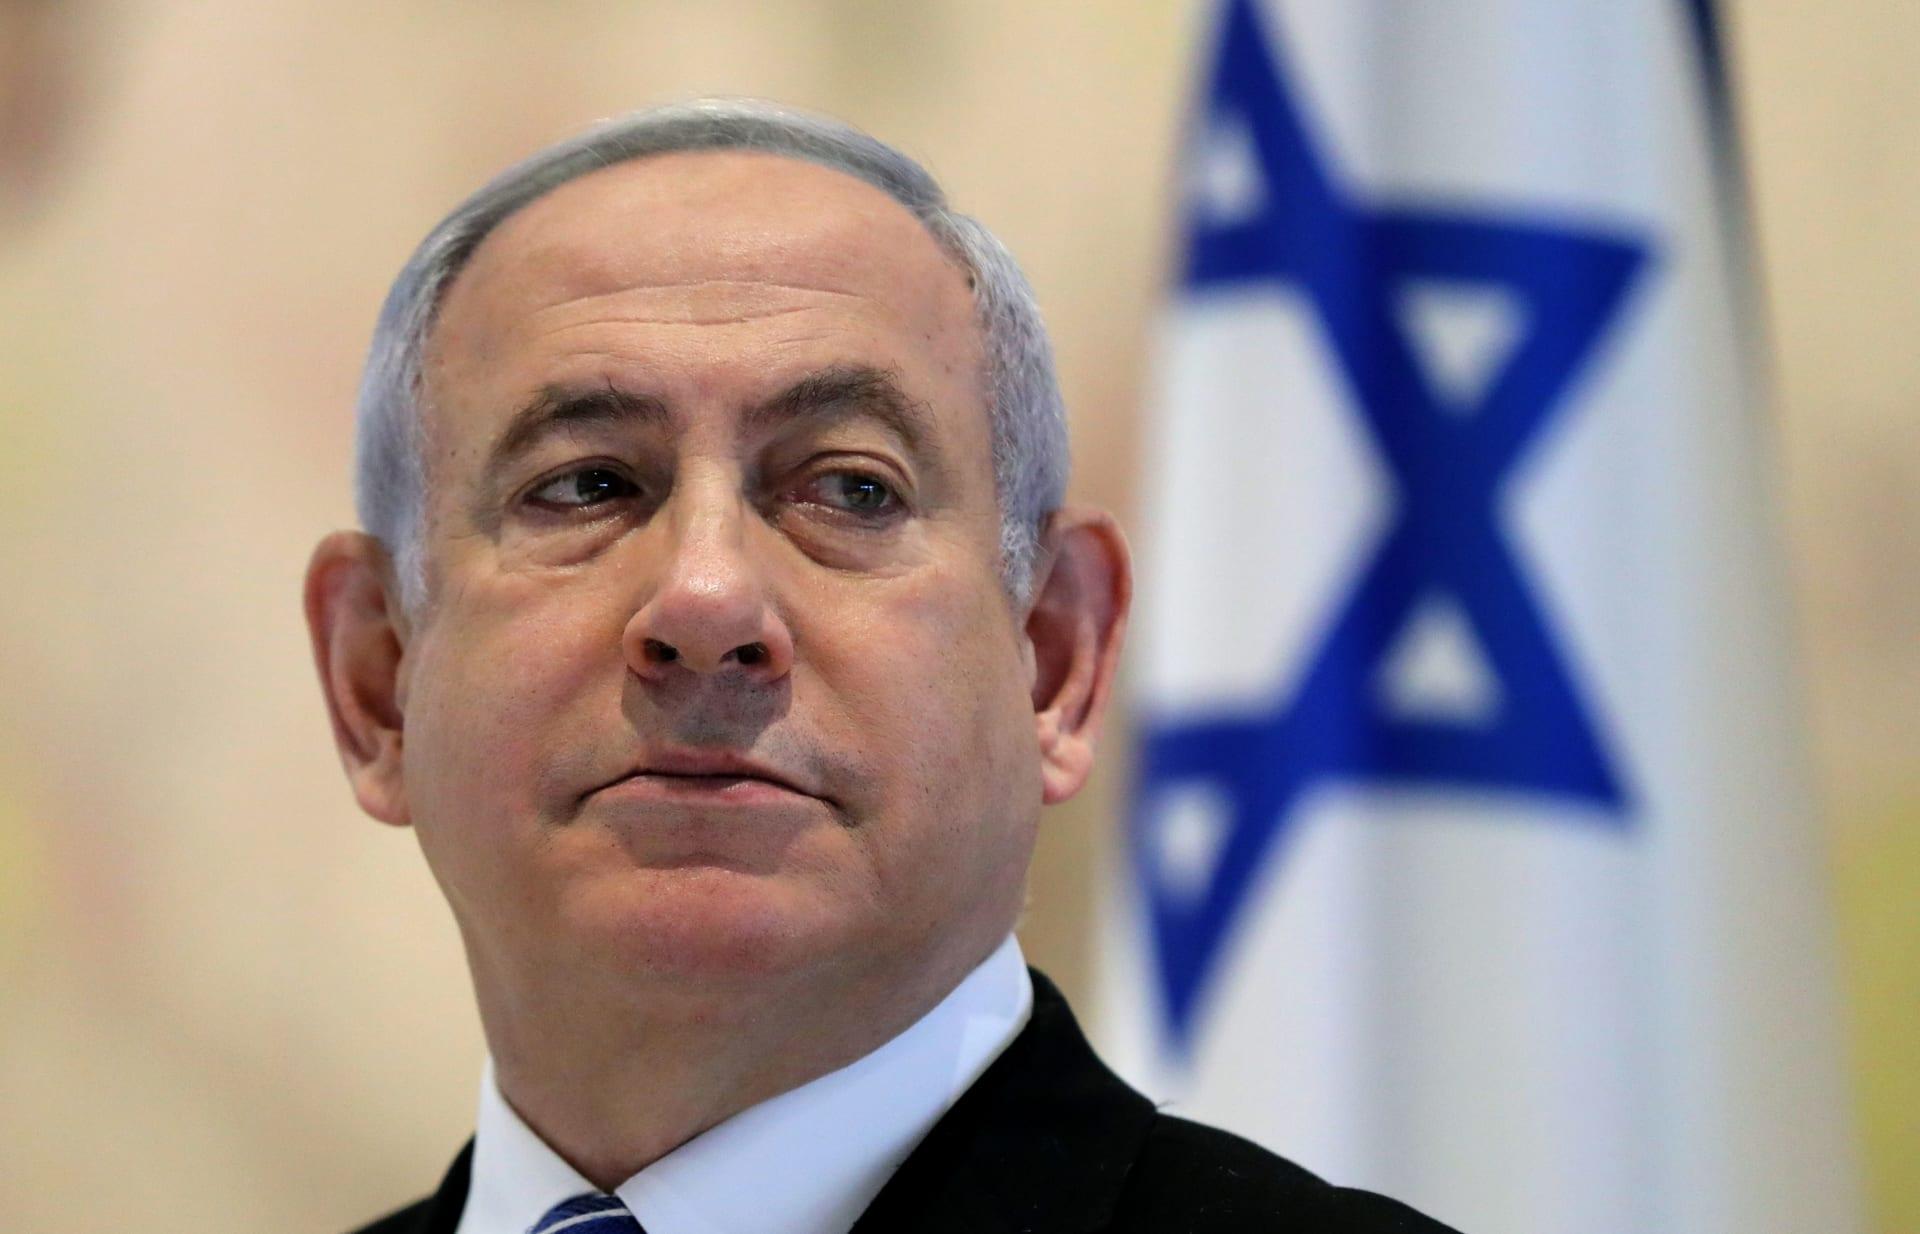 """المتحدث باسم نتنياهو: السلطة الفلسطينية تستفيد """"ماديا"""" من استمرار الصراع مع إسرائيل"""